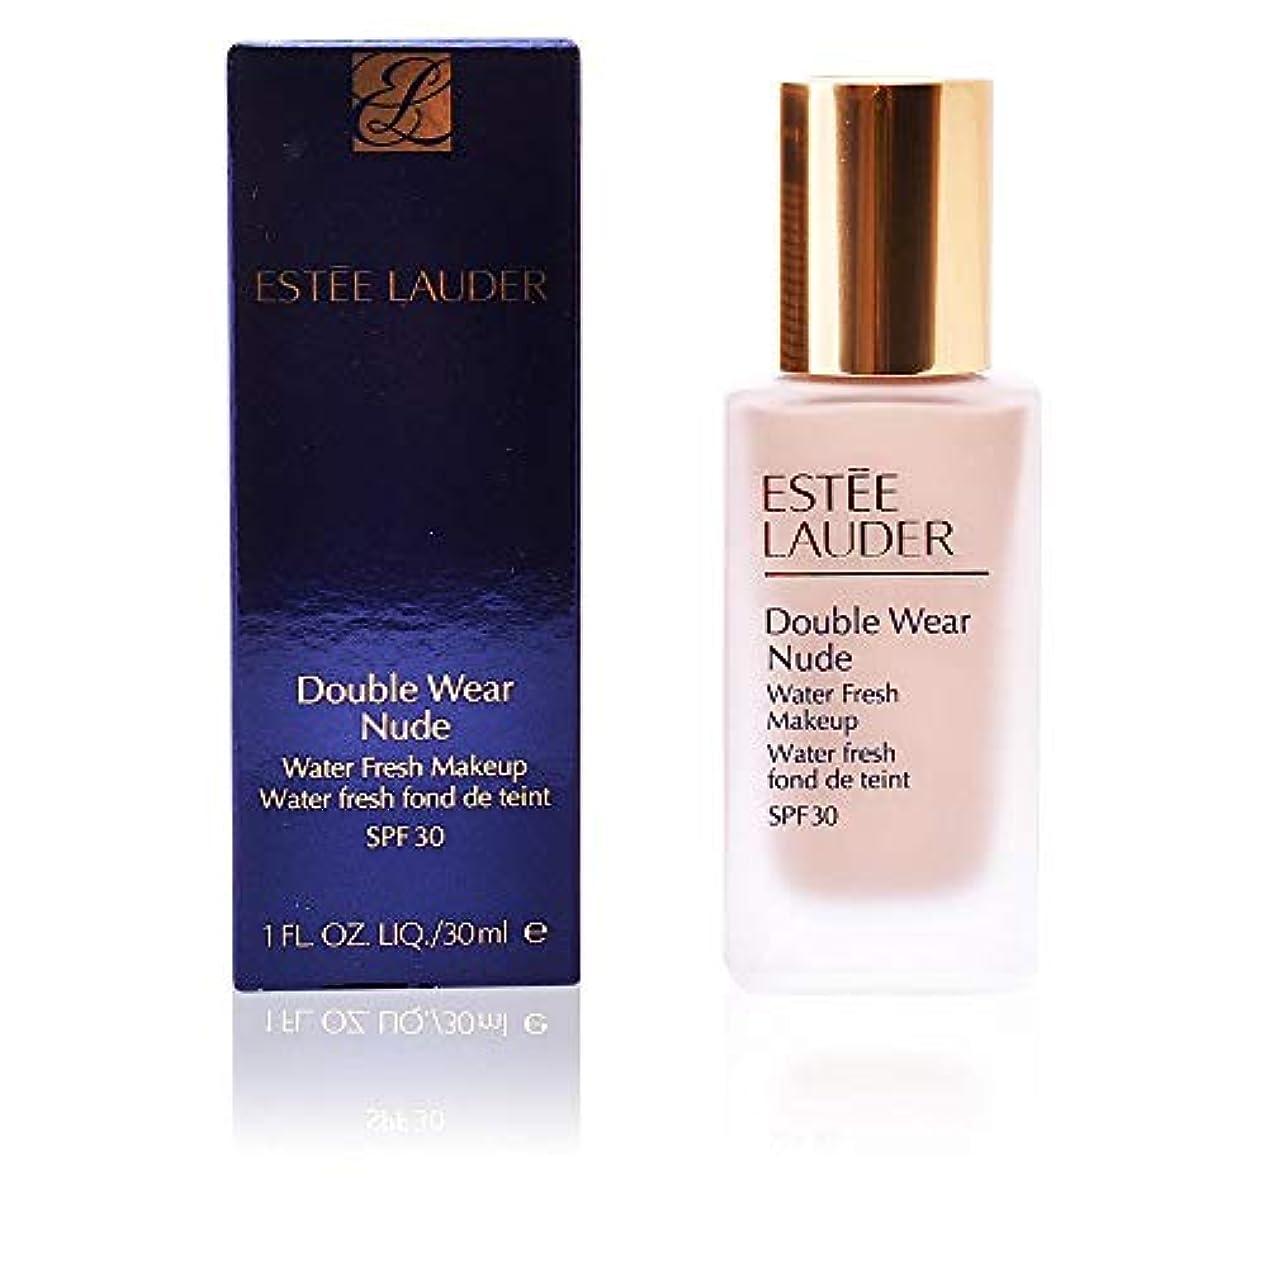 変成器目の前のテーマエスティローダー Double Wear Nude Water Fresh Makeup SPF 30 - # 2C2 Pale Almond 30ml/1oz並行輸入品